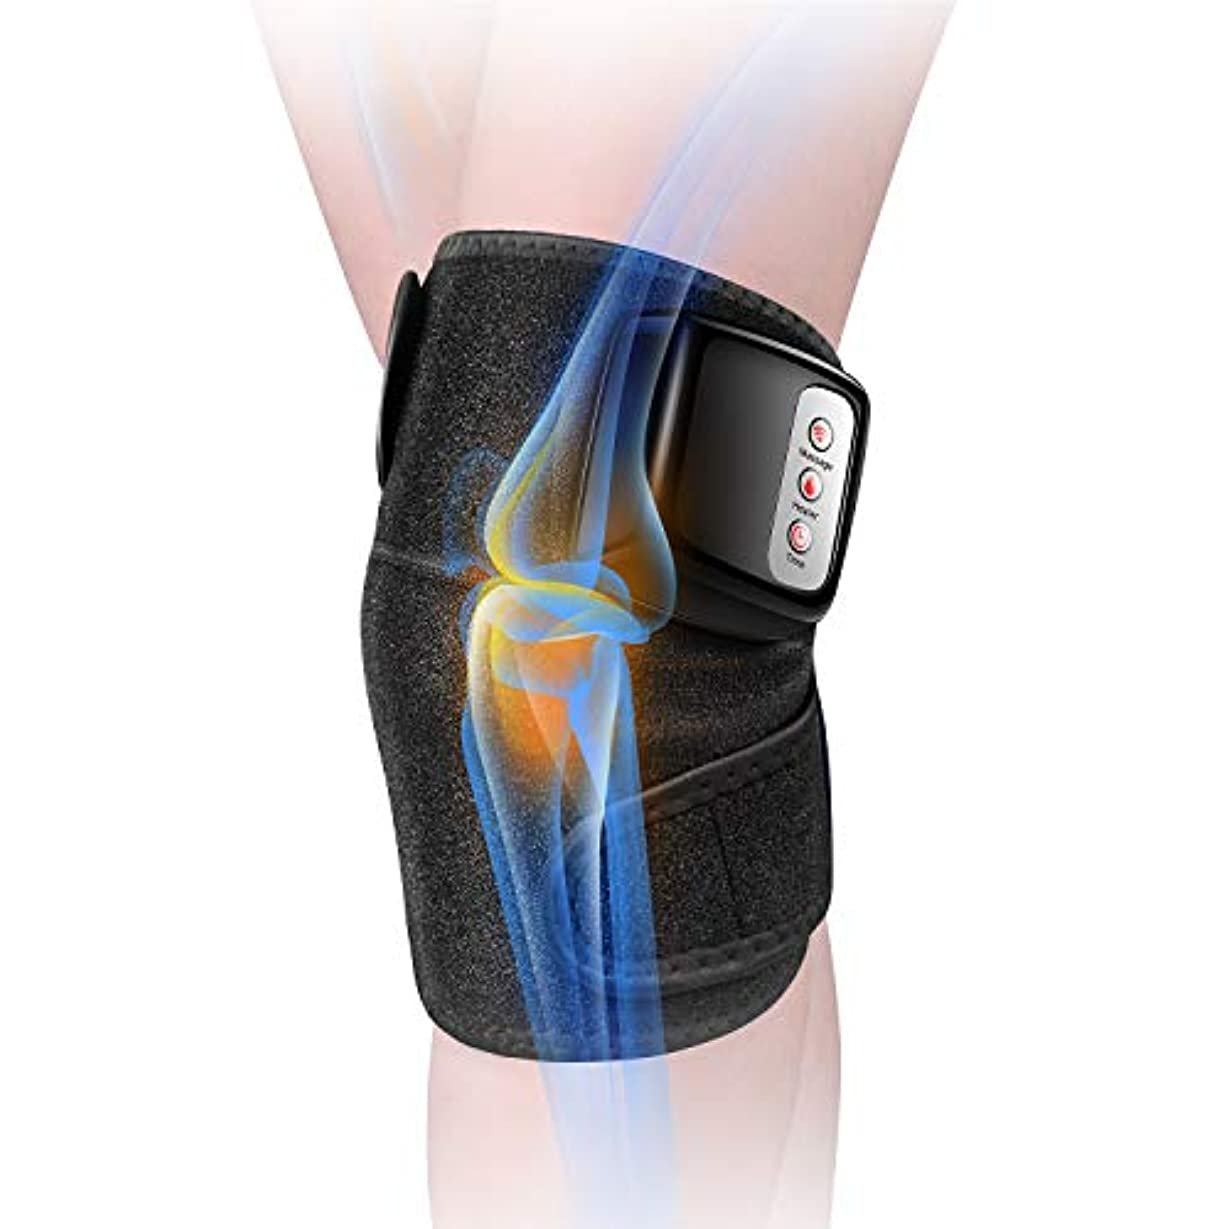 巨大クリスチャンアンカー膝マッサージャー 関節マッサージャー マッサージ器 フットマッサージャー 振動 赤外線療法 温熱療法 膝サポーター ストレス解消 肩 太もも/腕対応